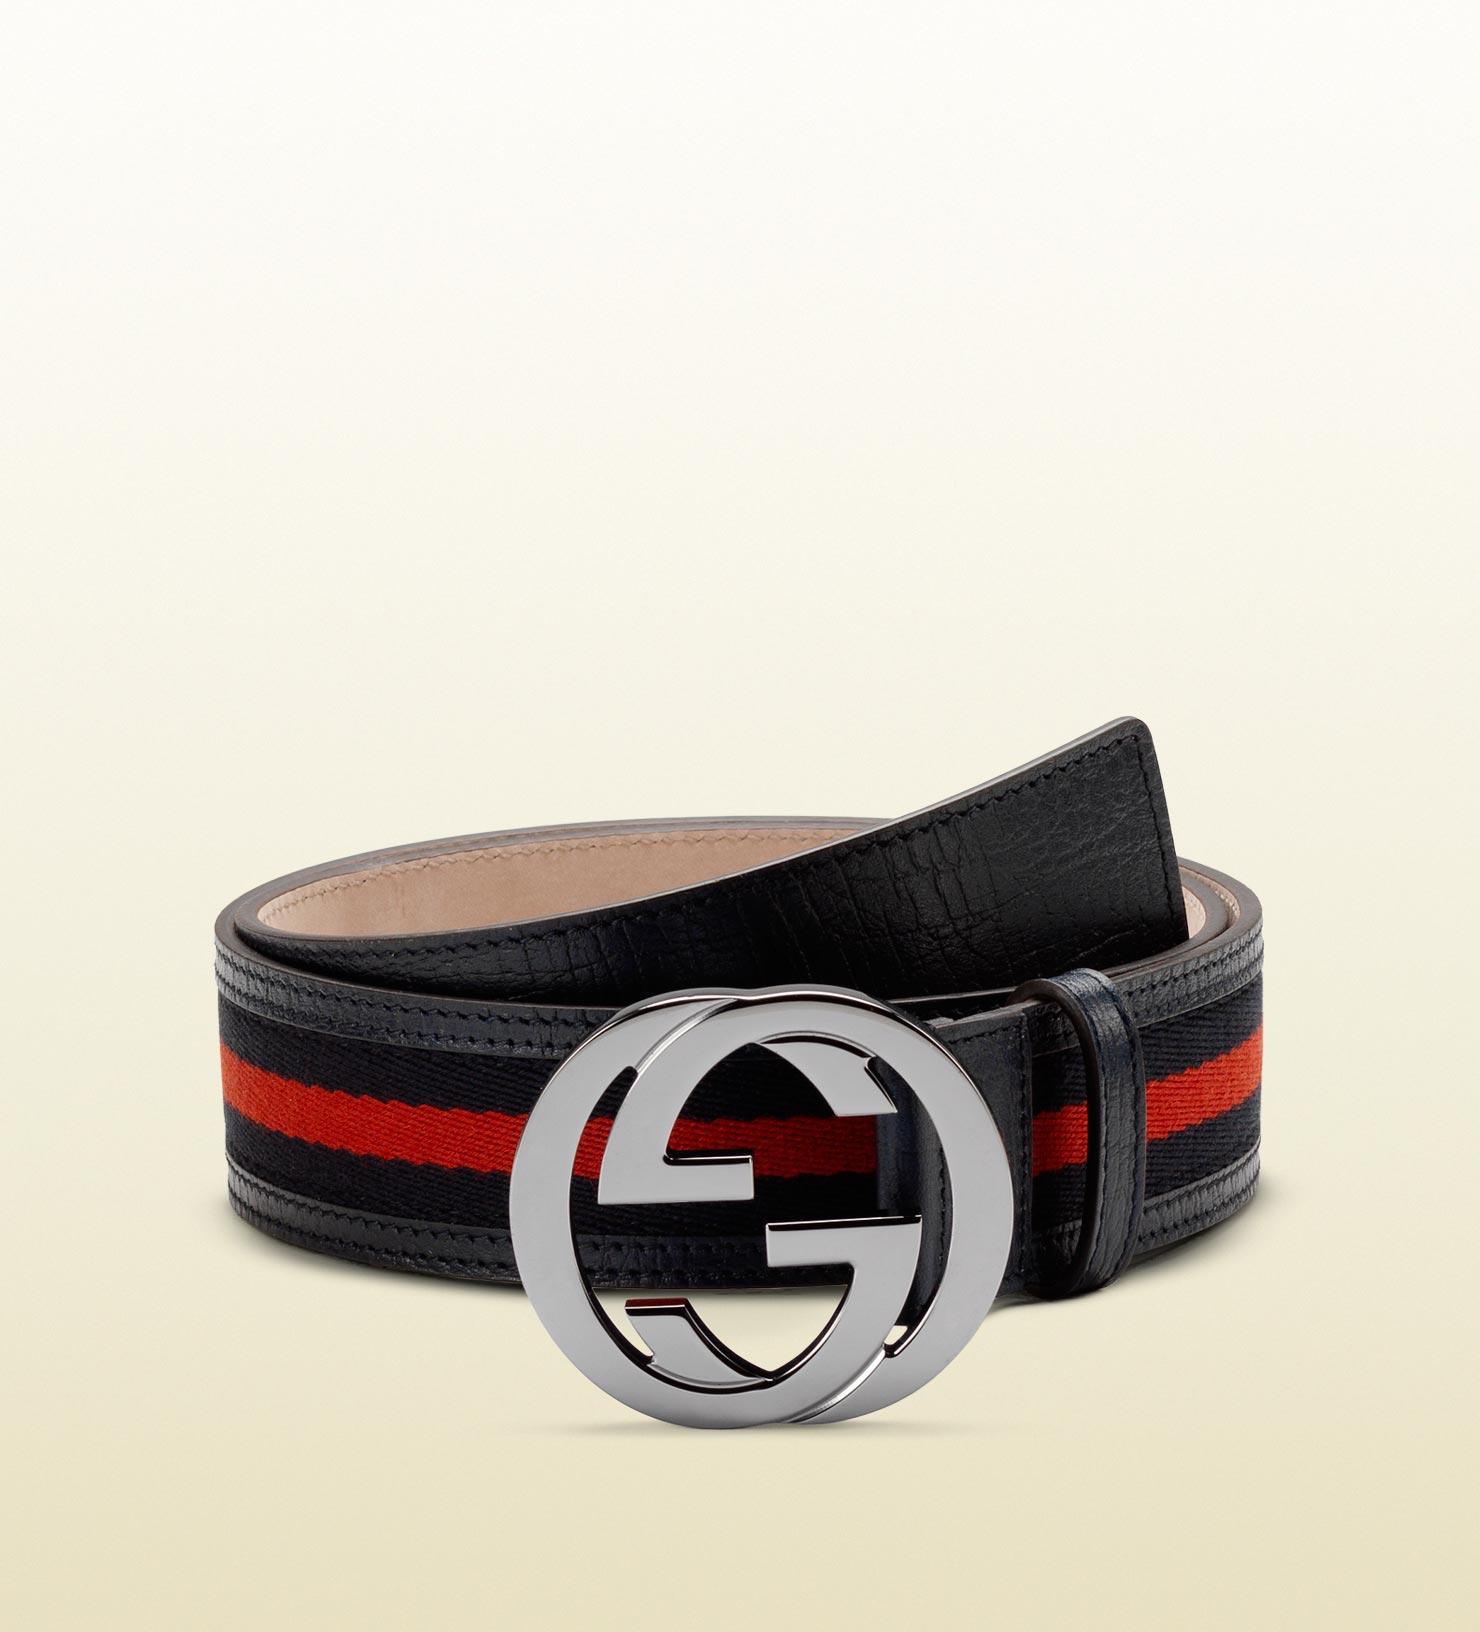 Mcm Belt for Men | Red Gucci Belt | Red White Green Gucci Belt